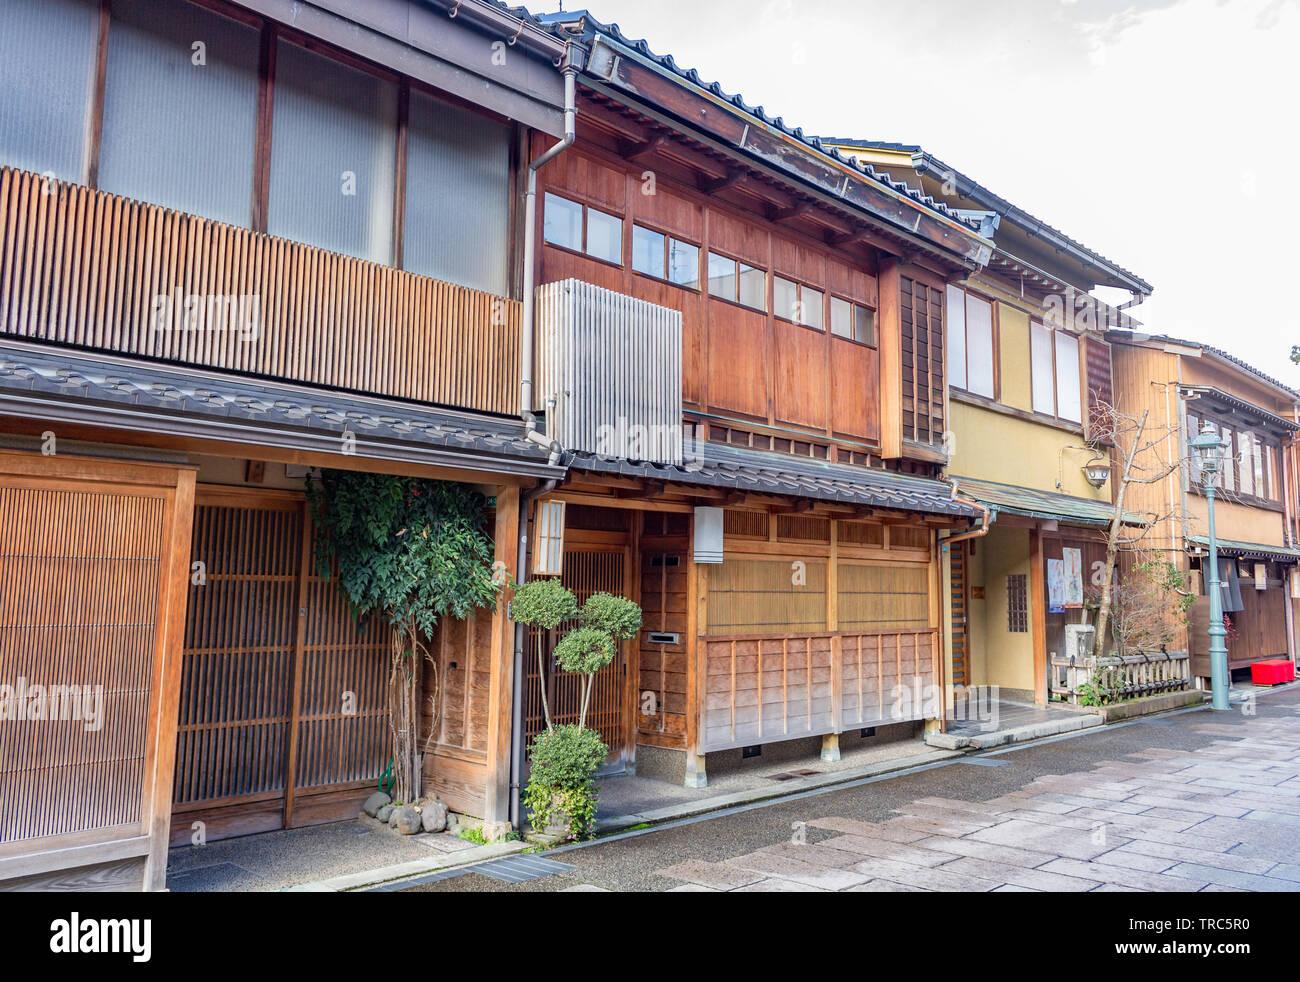 Dans les maisons de thé traditionnelles et nishi chaya teashouse geisha district, Kanazawa, Préfecture d'Ishikawa, de l'Ouest, au Japon. Banque D'Images